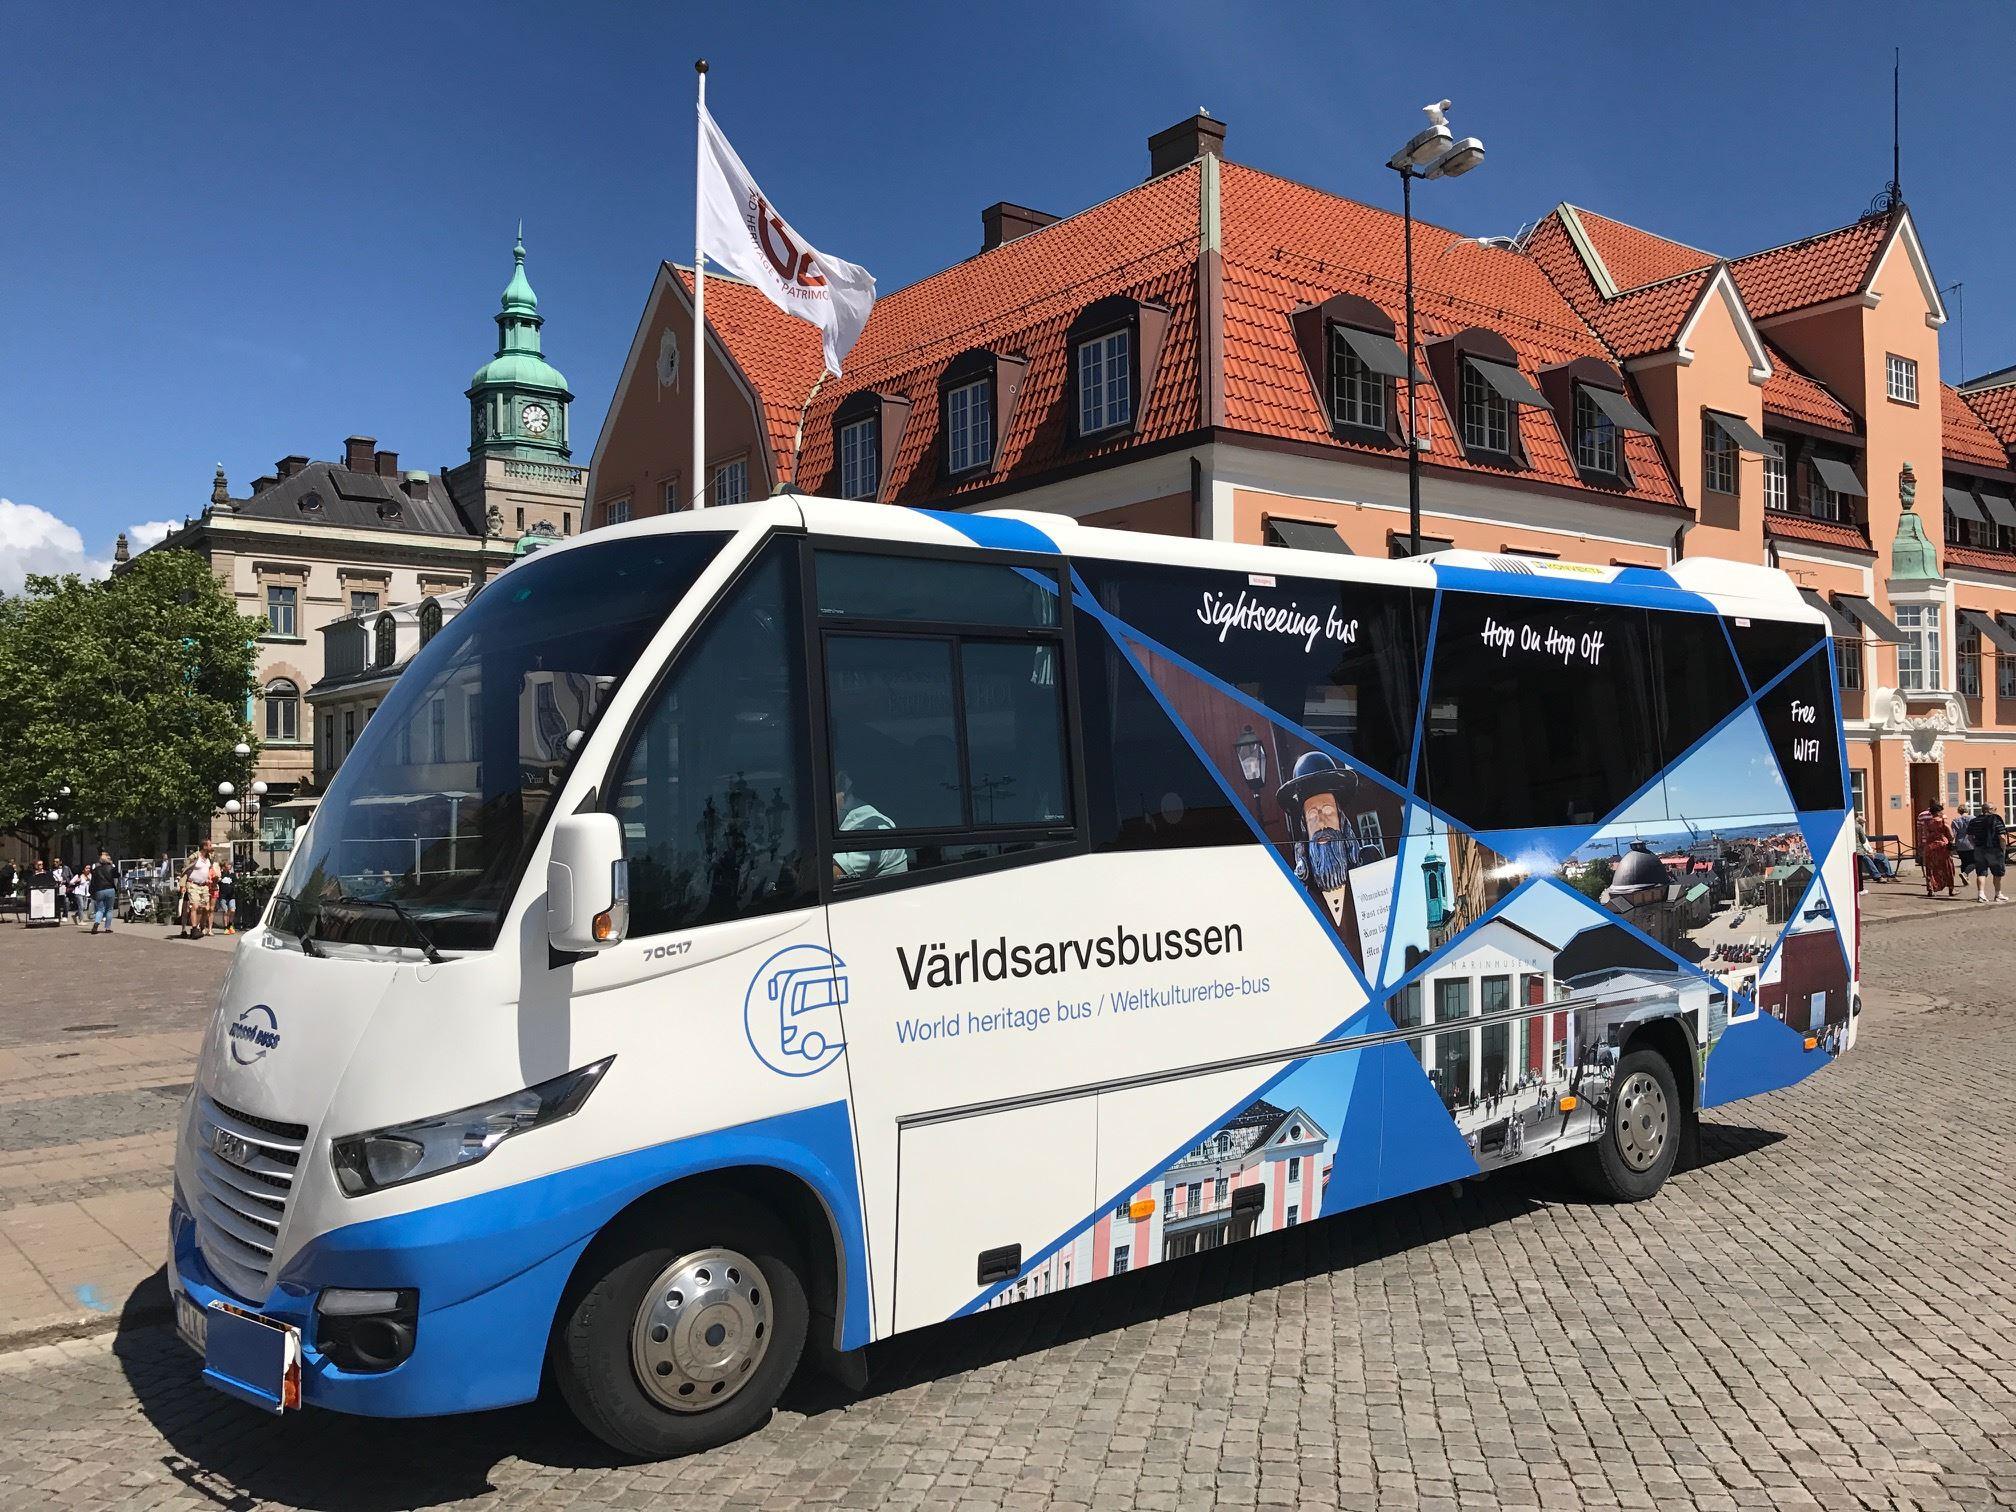 Sightseeingbuss - världsarvsbussen